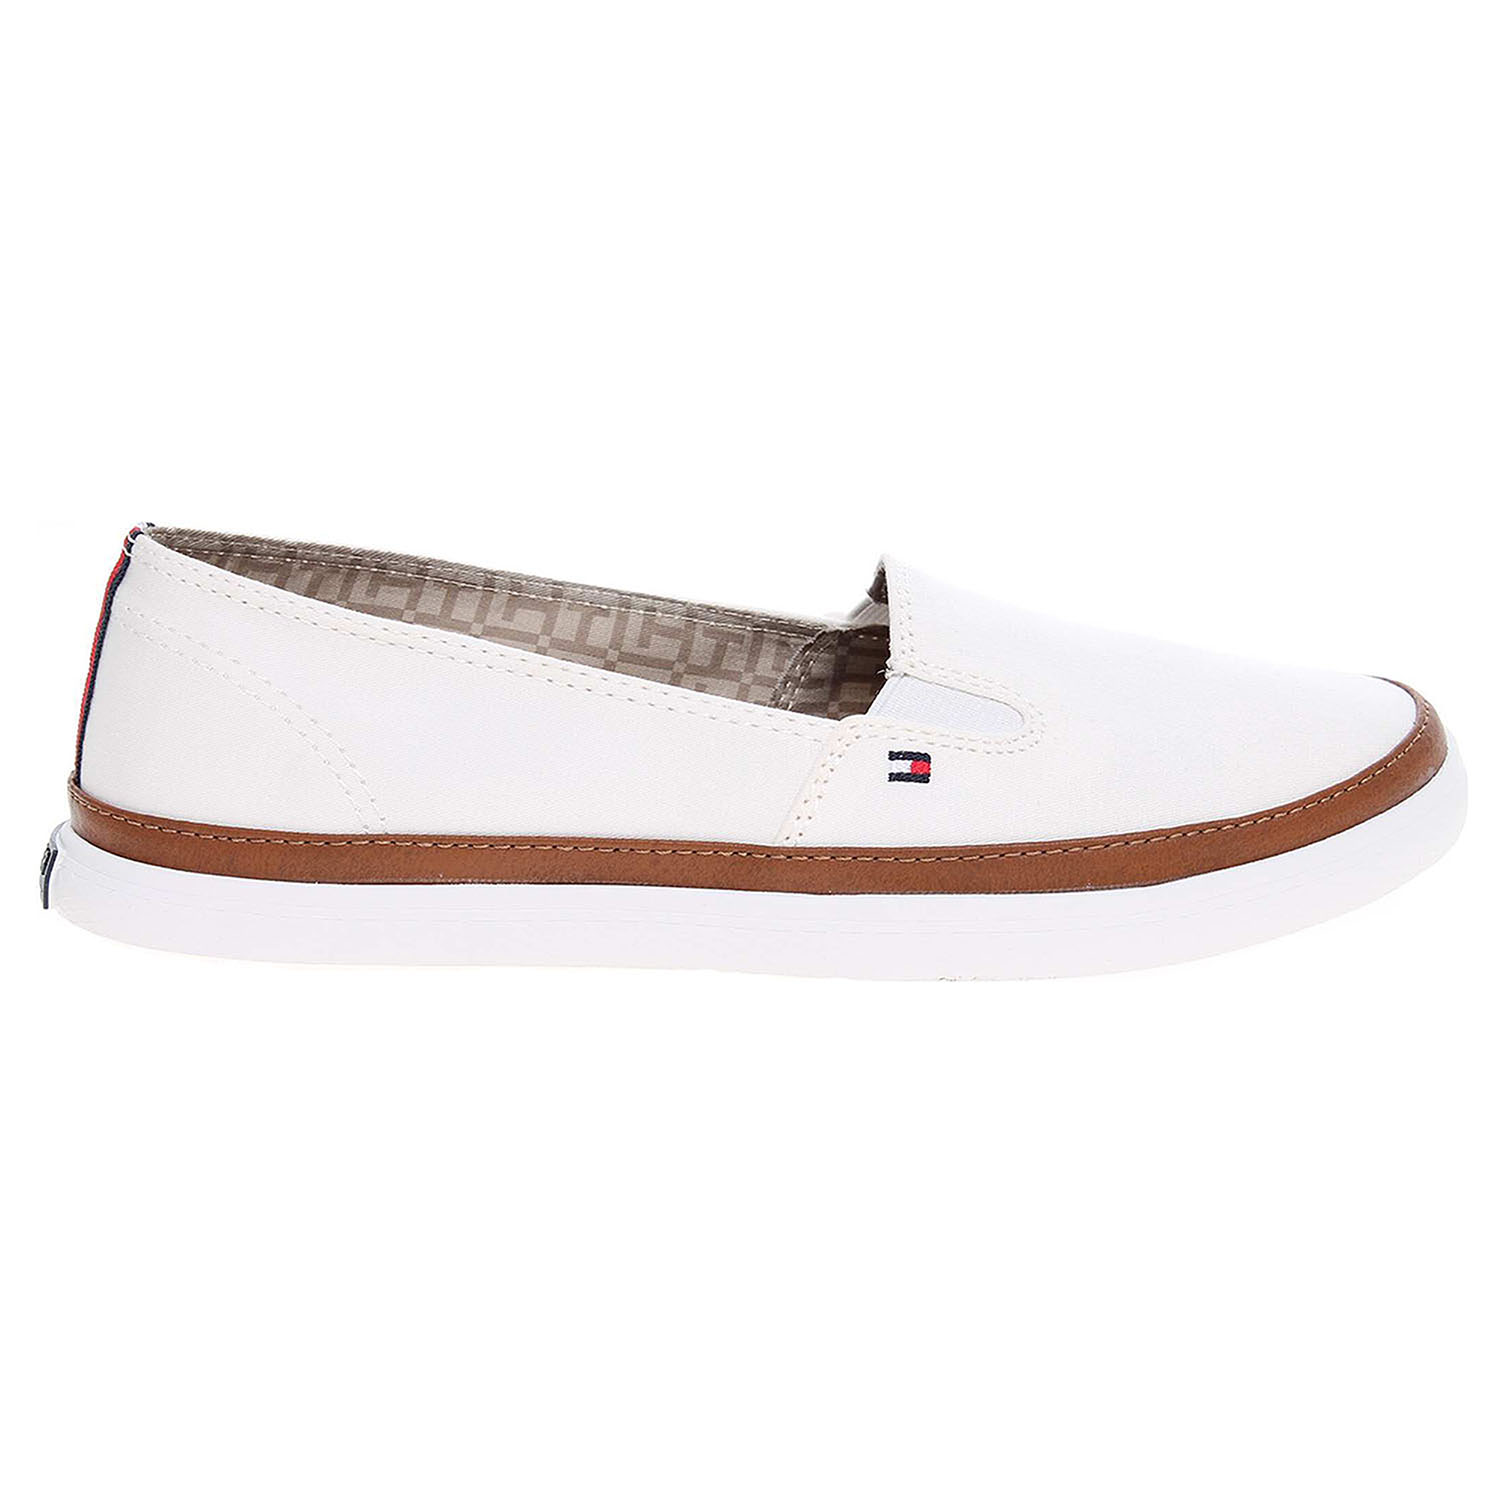 Ecco Tommy Hilfiger dámská obuv FW0FW01656 K1285ESHA 7D bílá 23200690 3fc548b8ebf